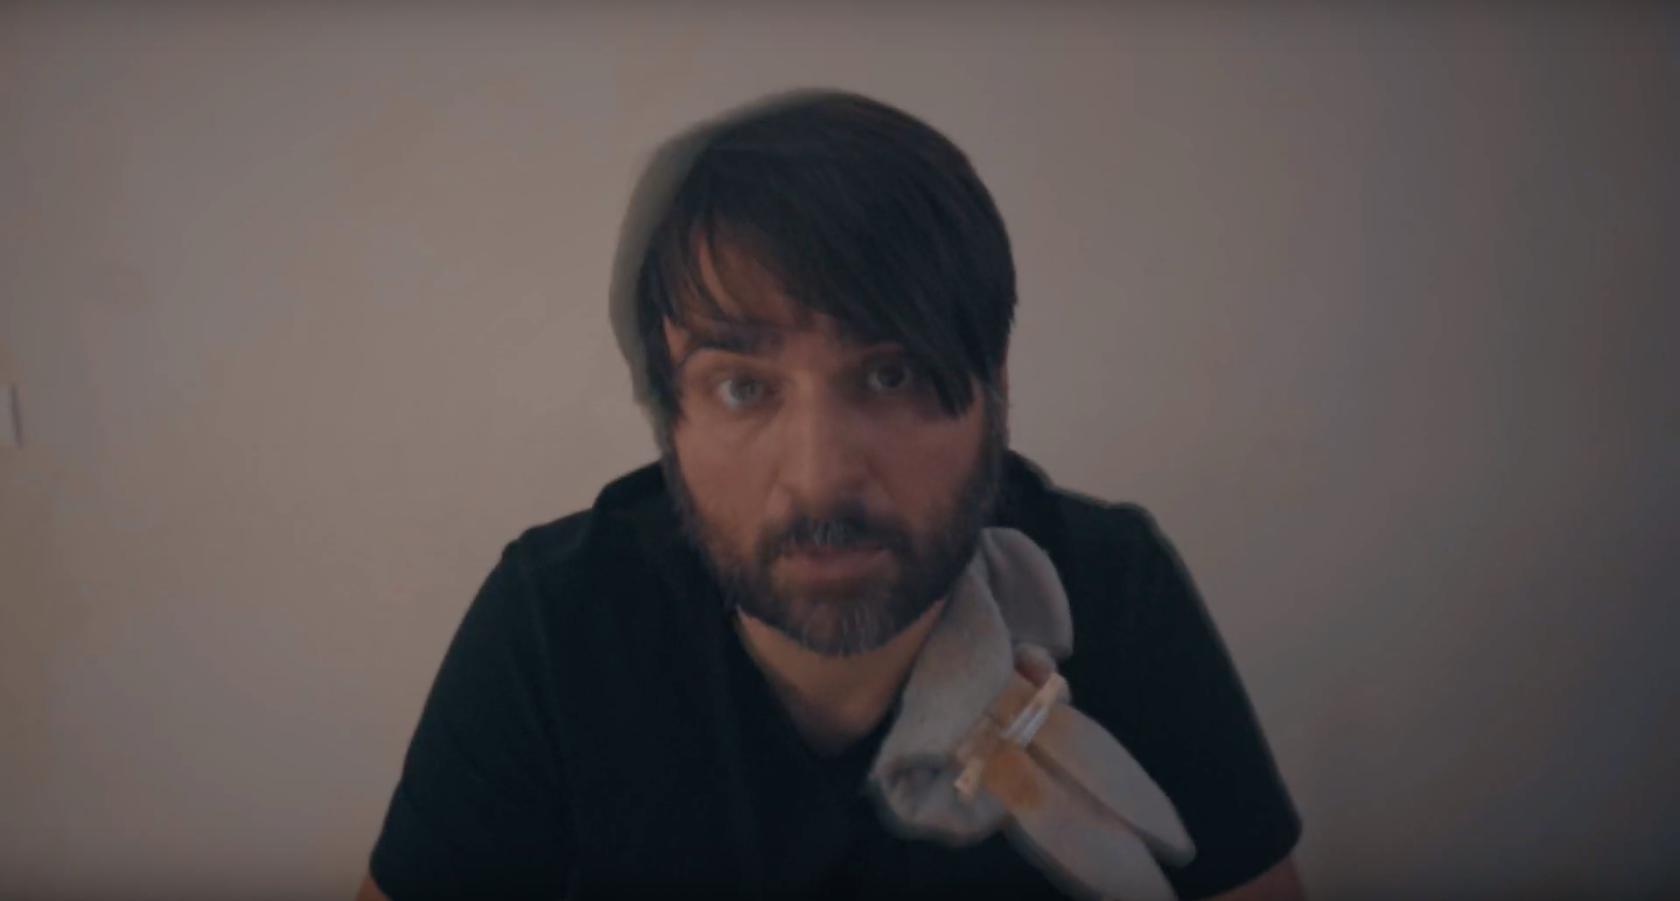 Si tu es prolétaire, suicidaire ou juste mort, le nouveau clip de Gontard est pour toi